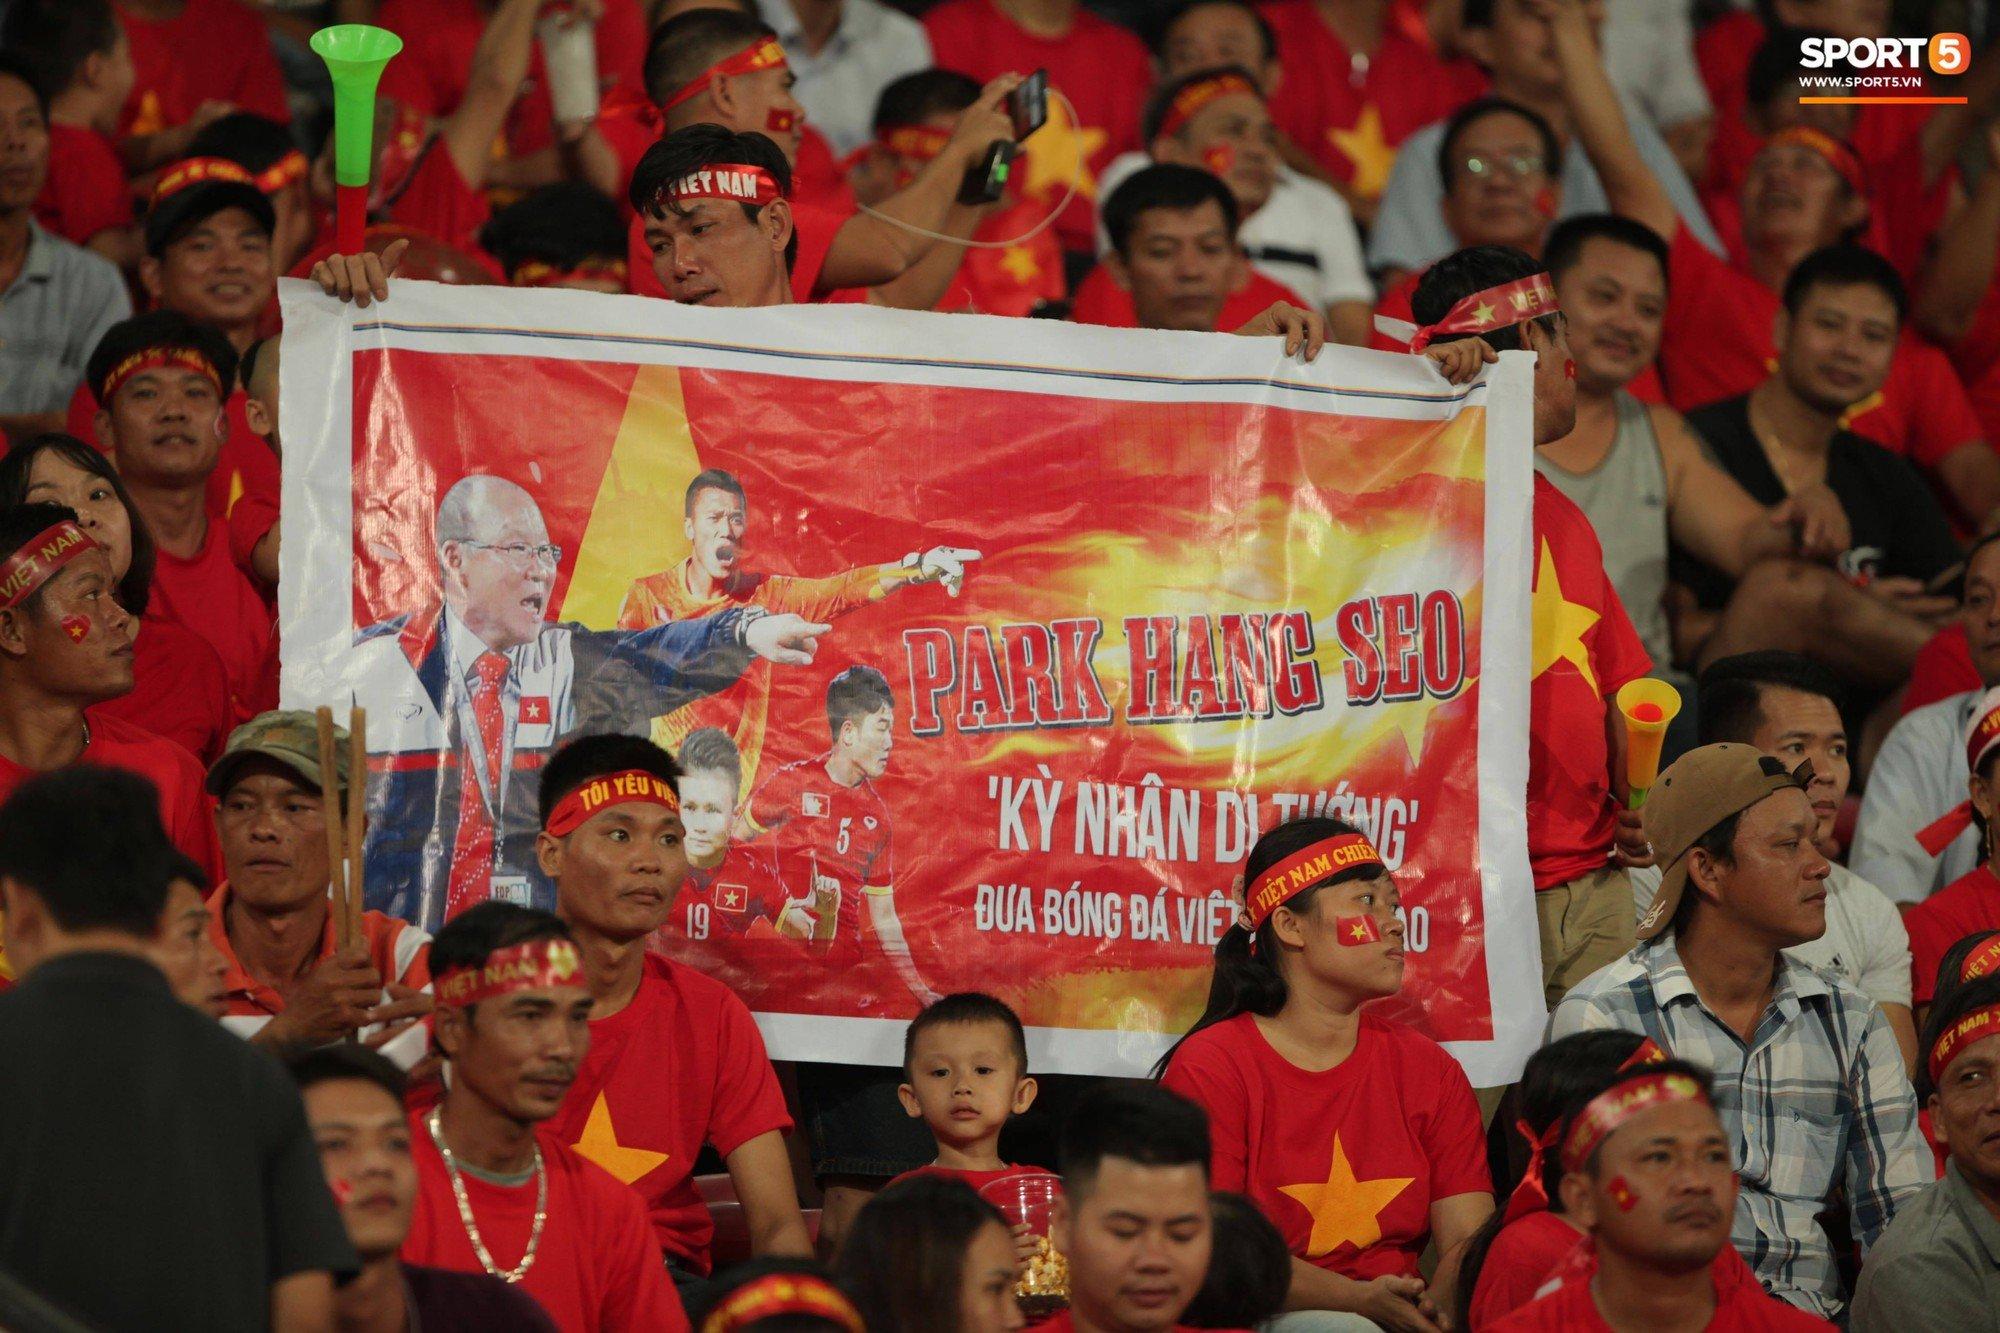 Đây mới là lý do khiến cầu thủ Lào chạnh lòng sau trận thua Việt Nam ở AFF Cup 2018 - Ảnh 9.